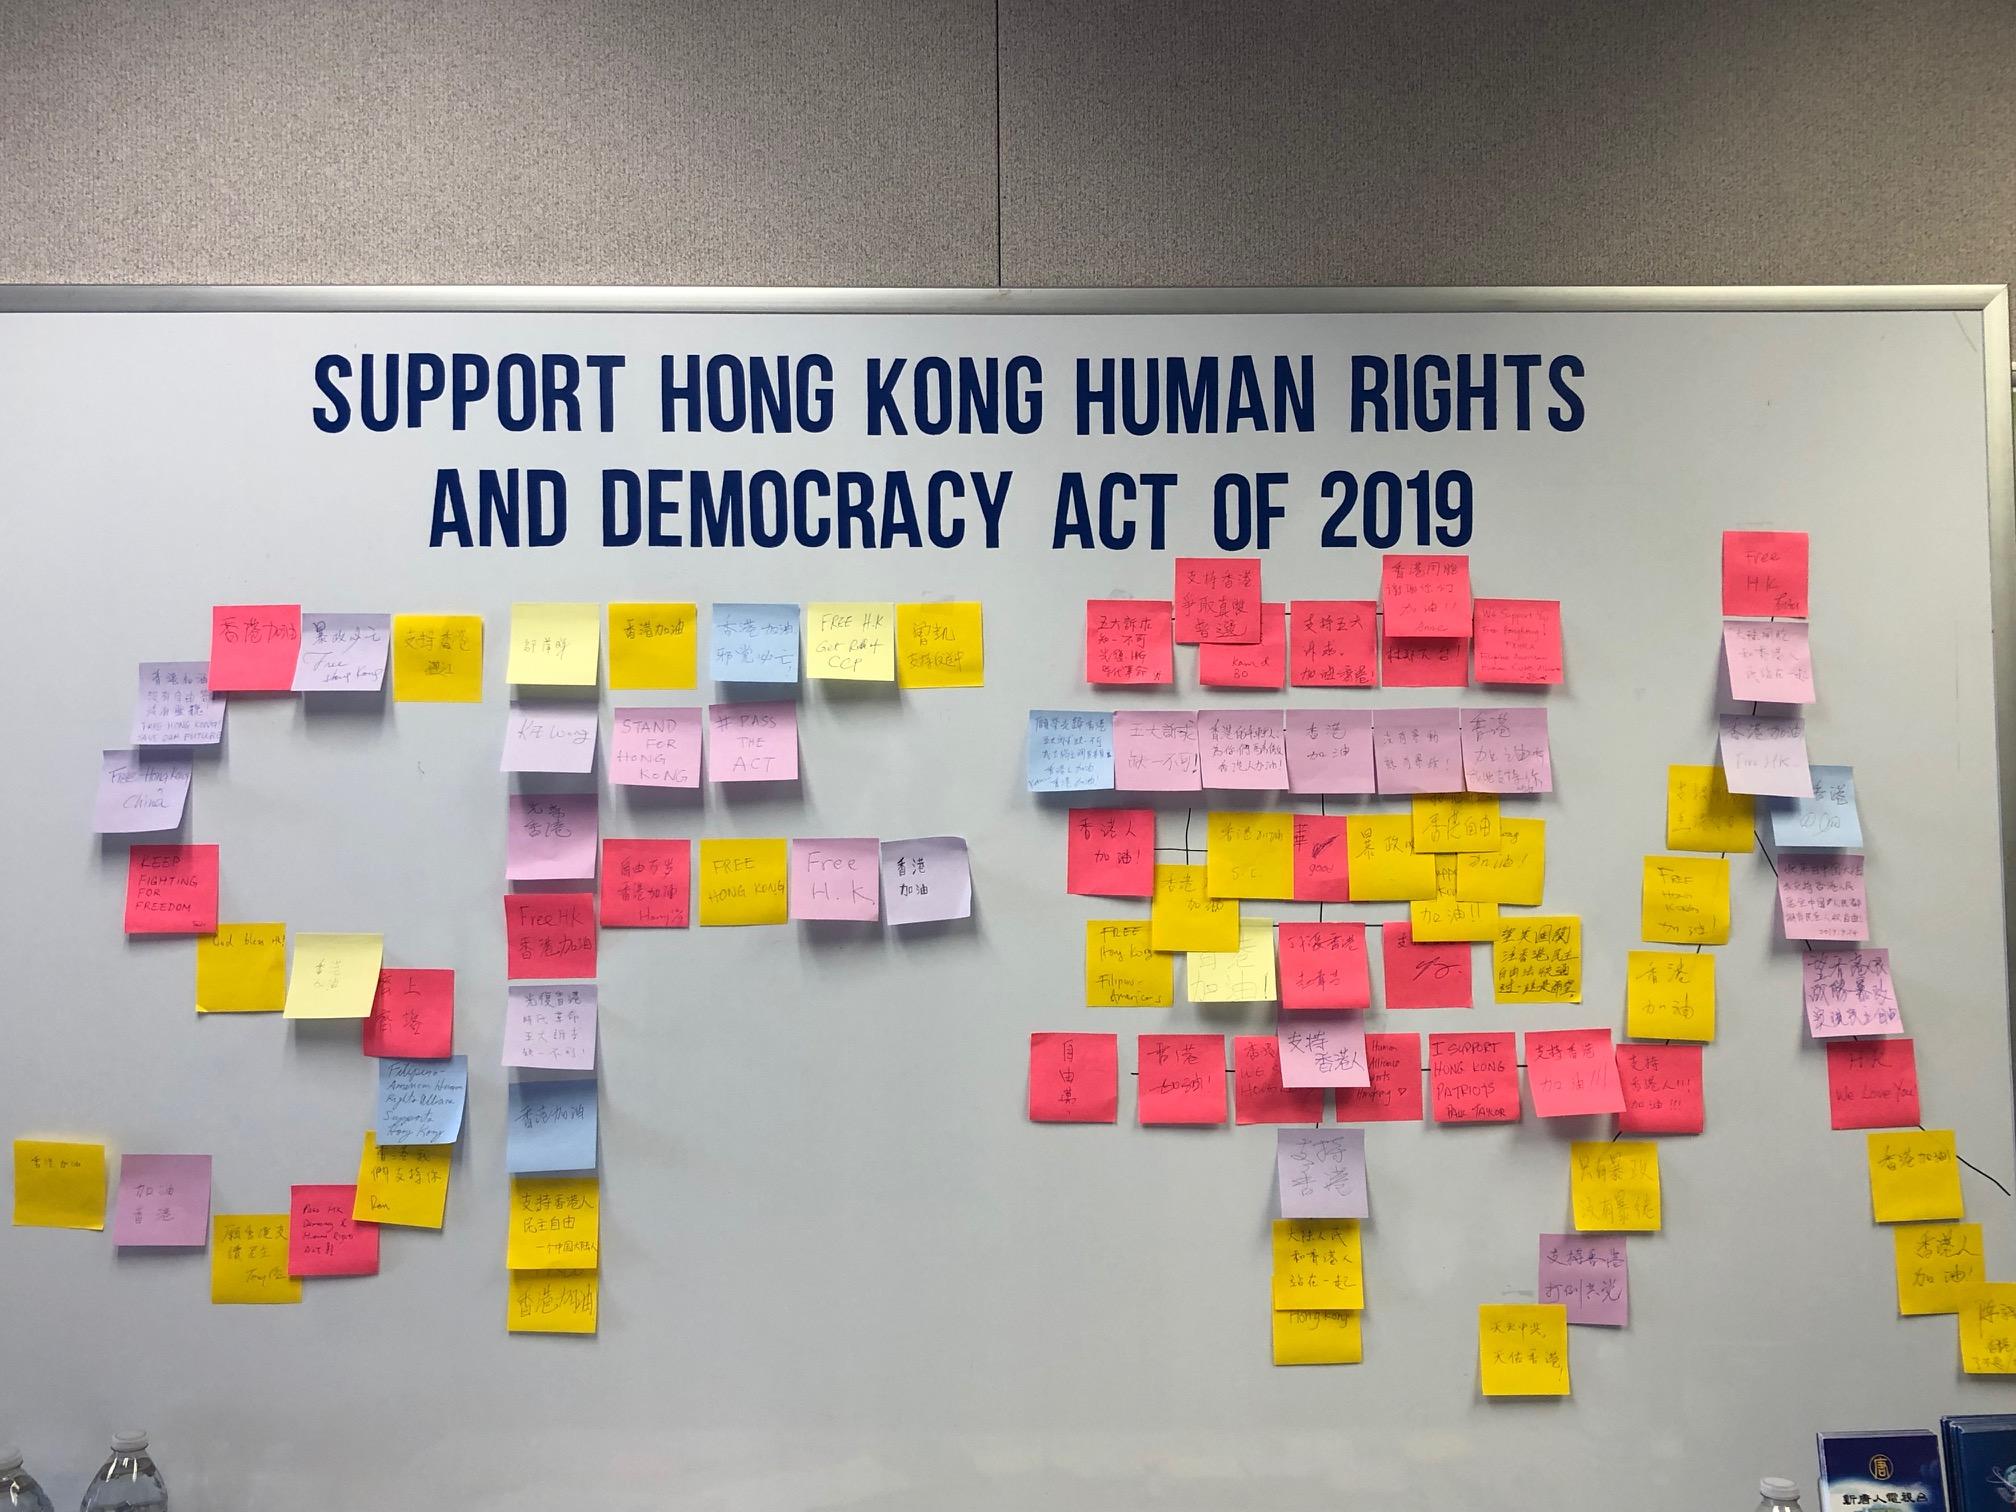 參加研討會的民眾用支持香港的貼紙組成「SF華人」字樣。(大紀元)